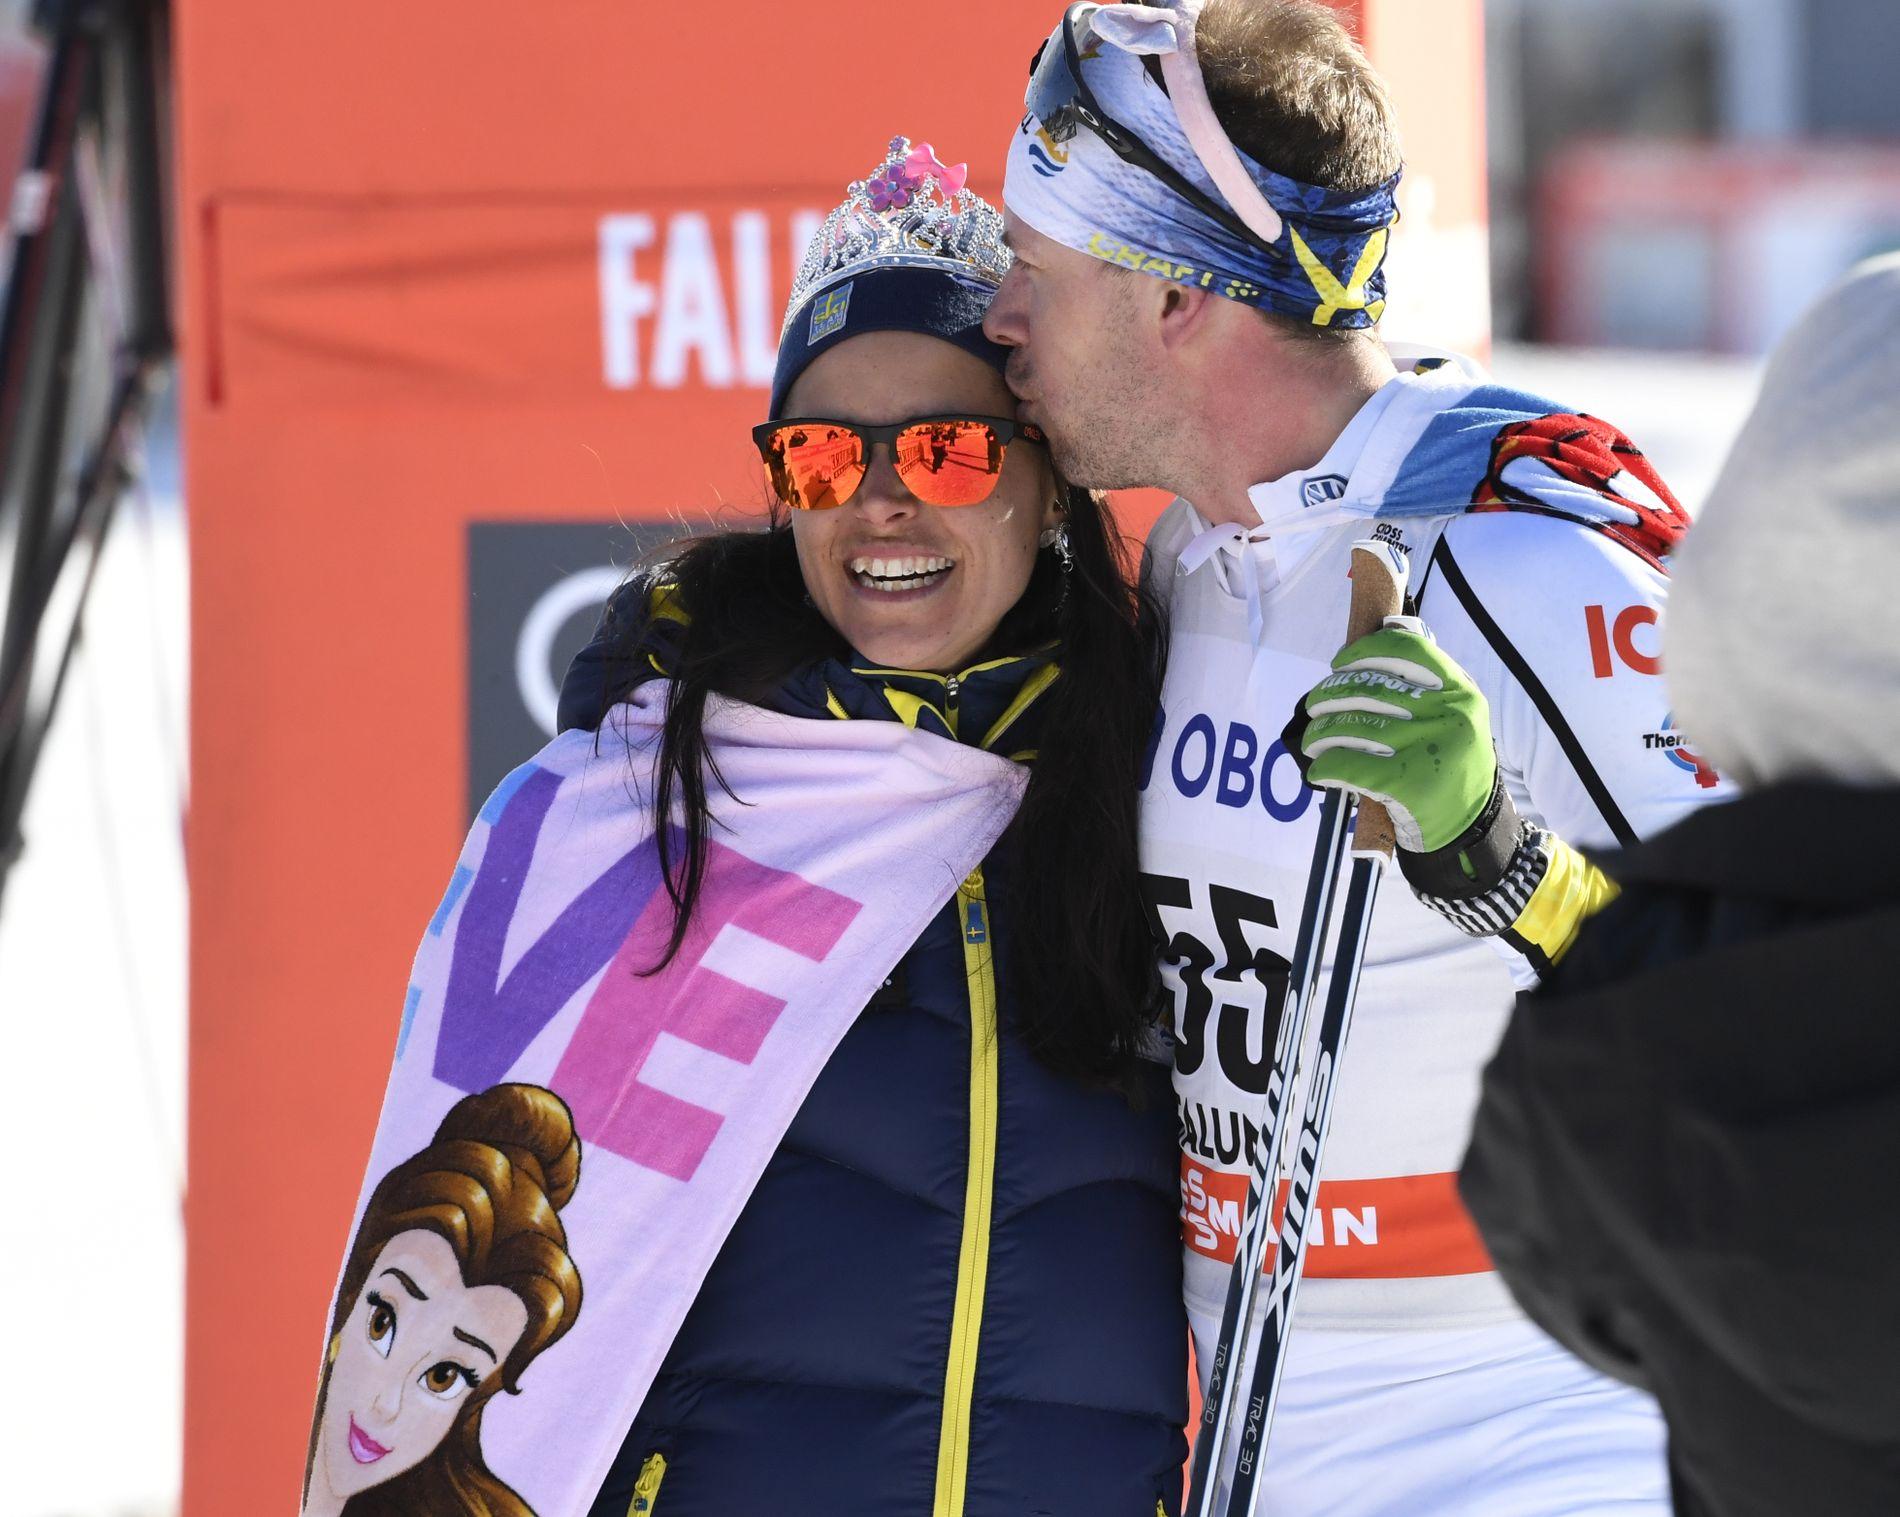 NYGIFT: Anna Haag og Emil Jönsson giftet seg i sommer. Her er de etter karrierenes siste verdenscuprenn i sesongavslutningen i Falun i mars.